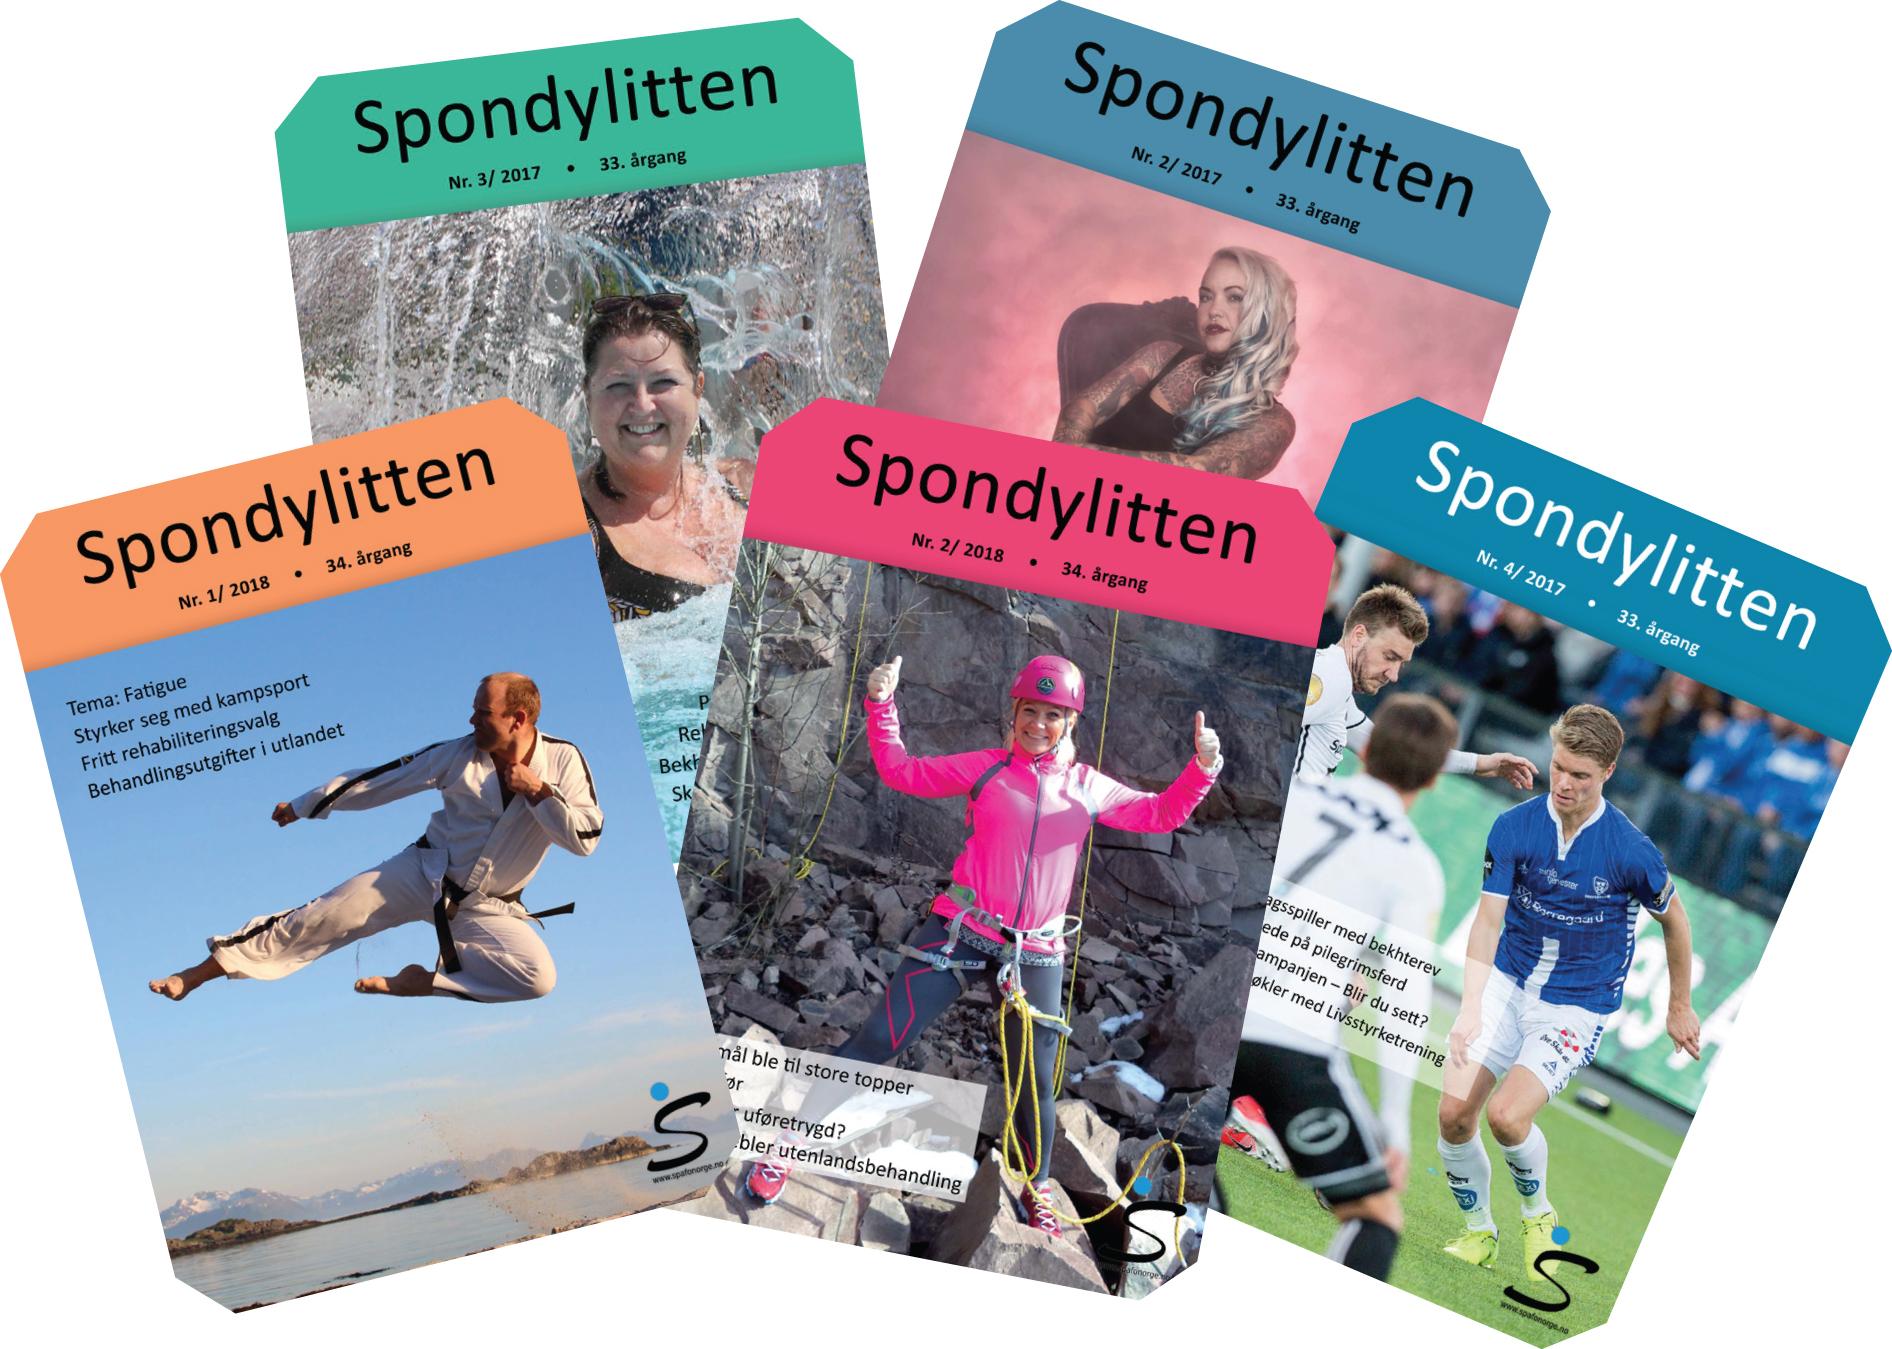 Bilde av noen Spondylitten-forsider